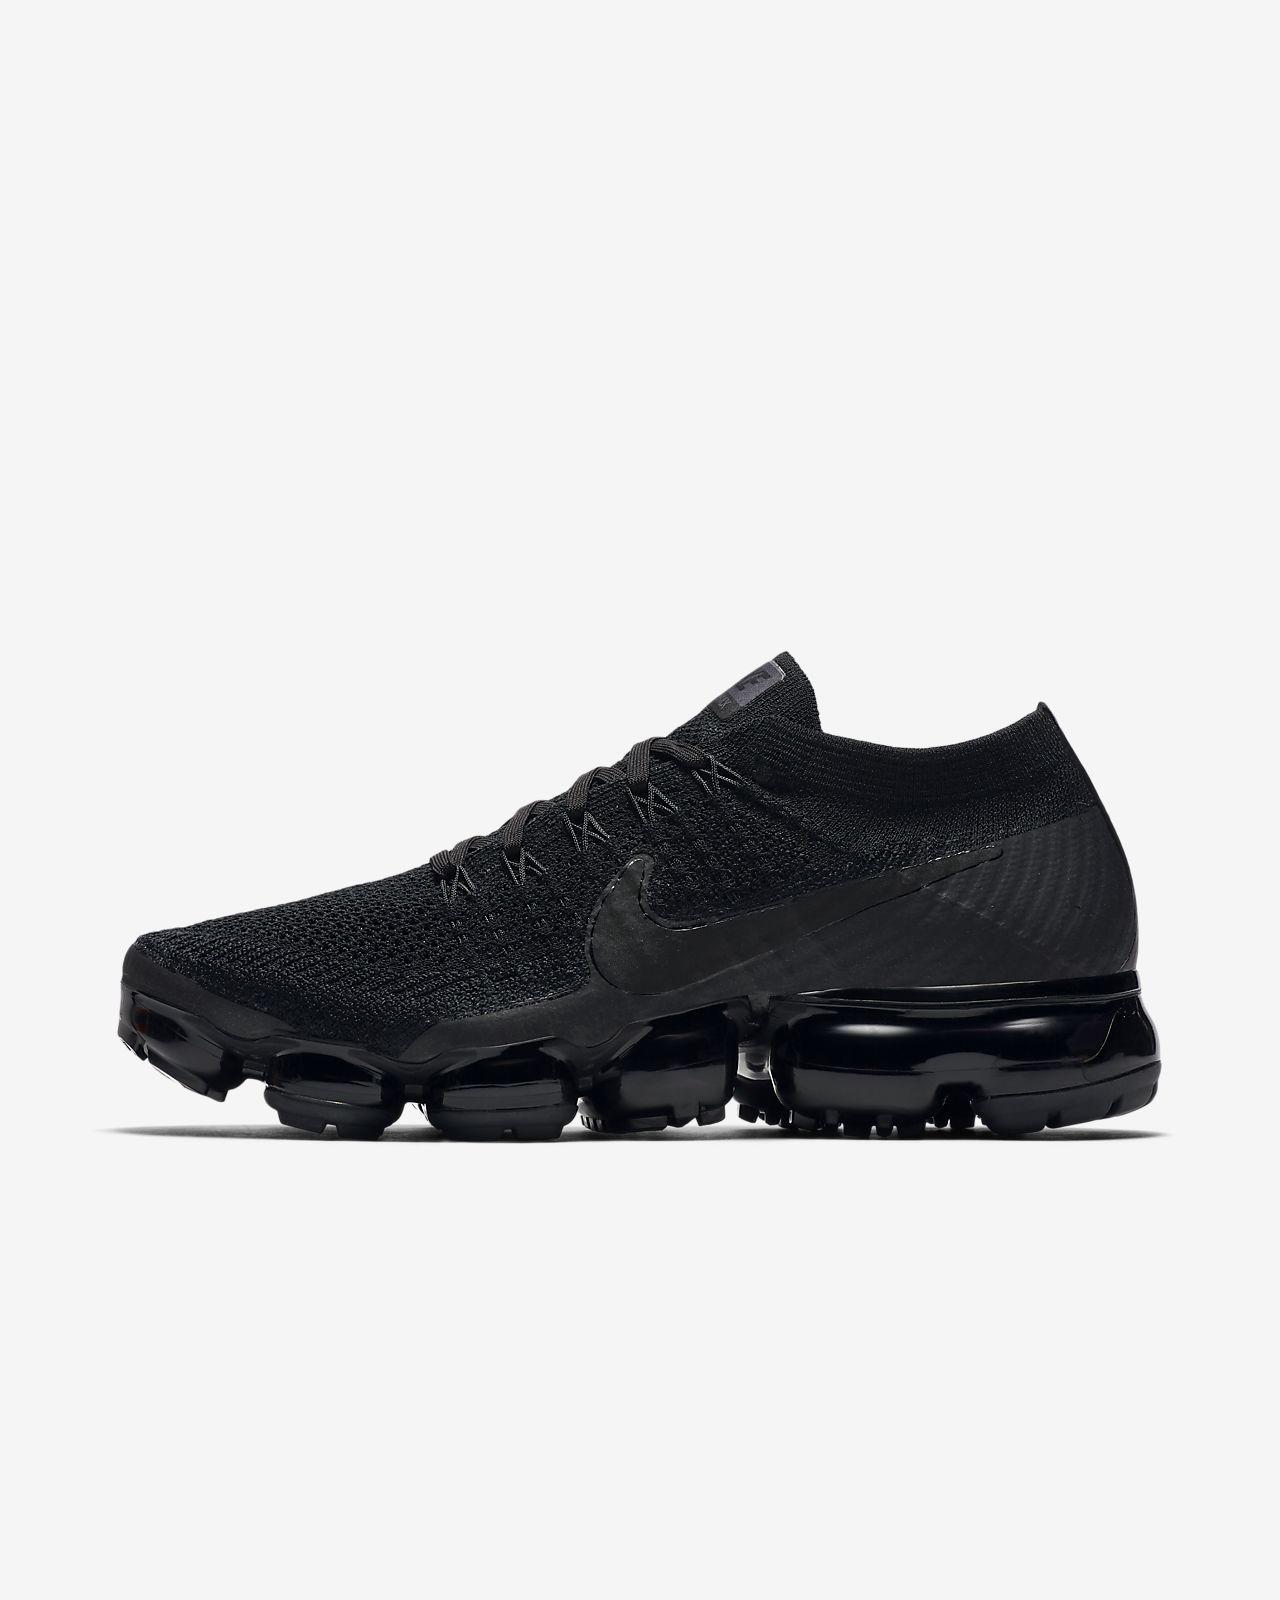 Chaussure de running Nike Air VaporMax Flyknit « Triple Noir » pour Femme